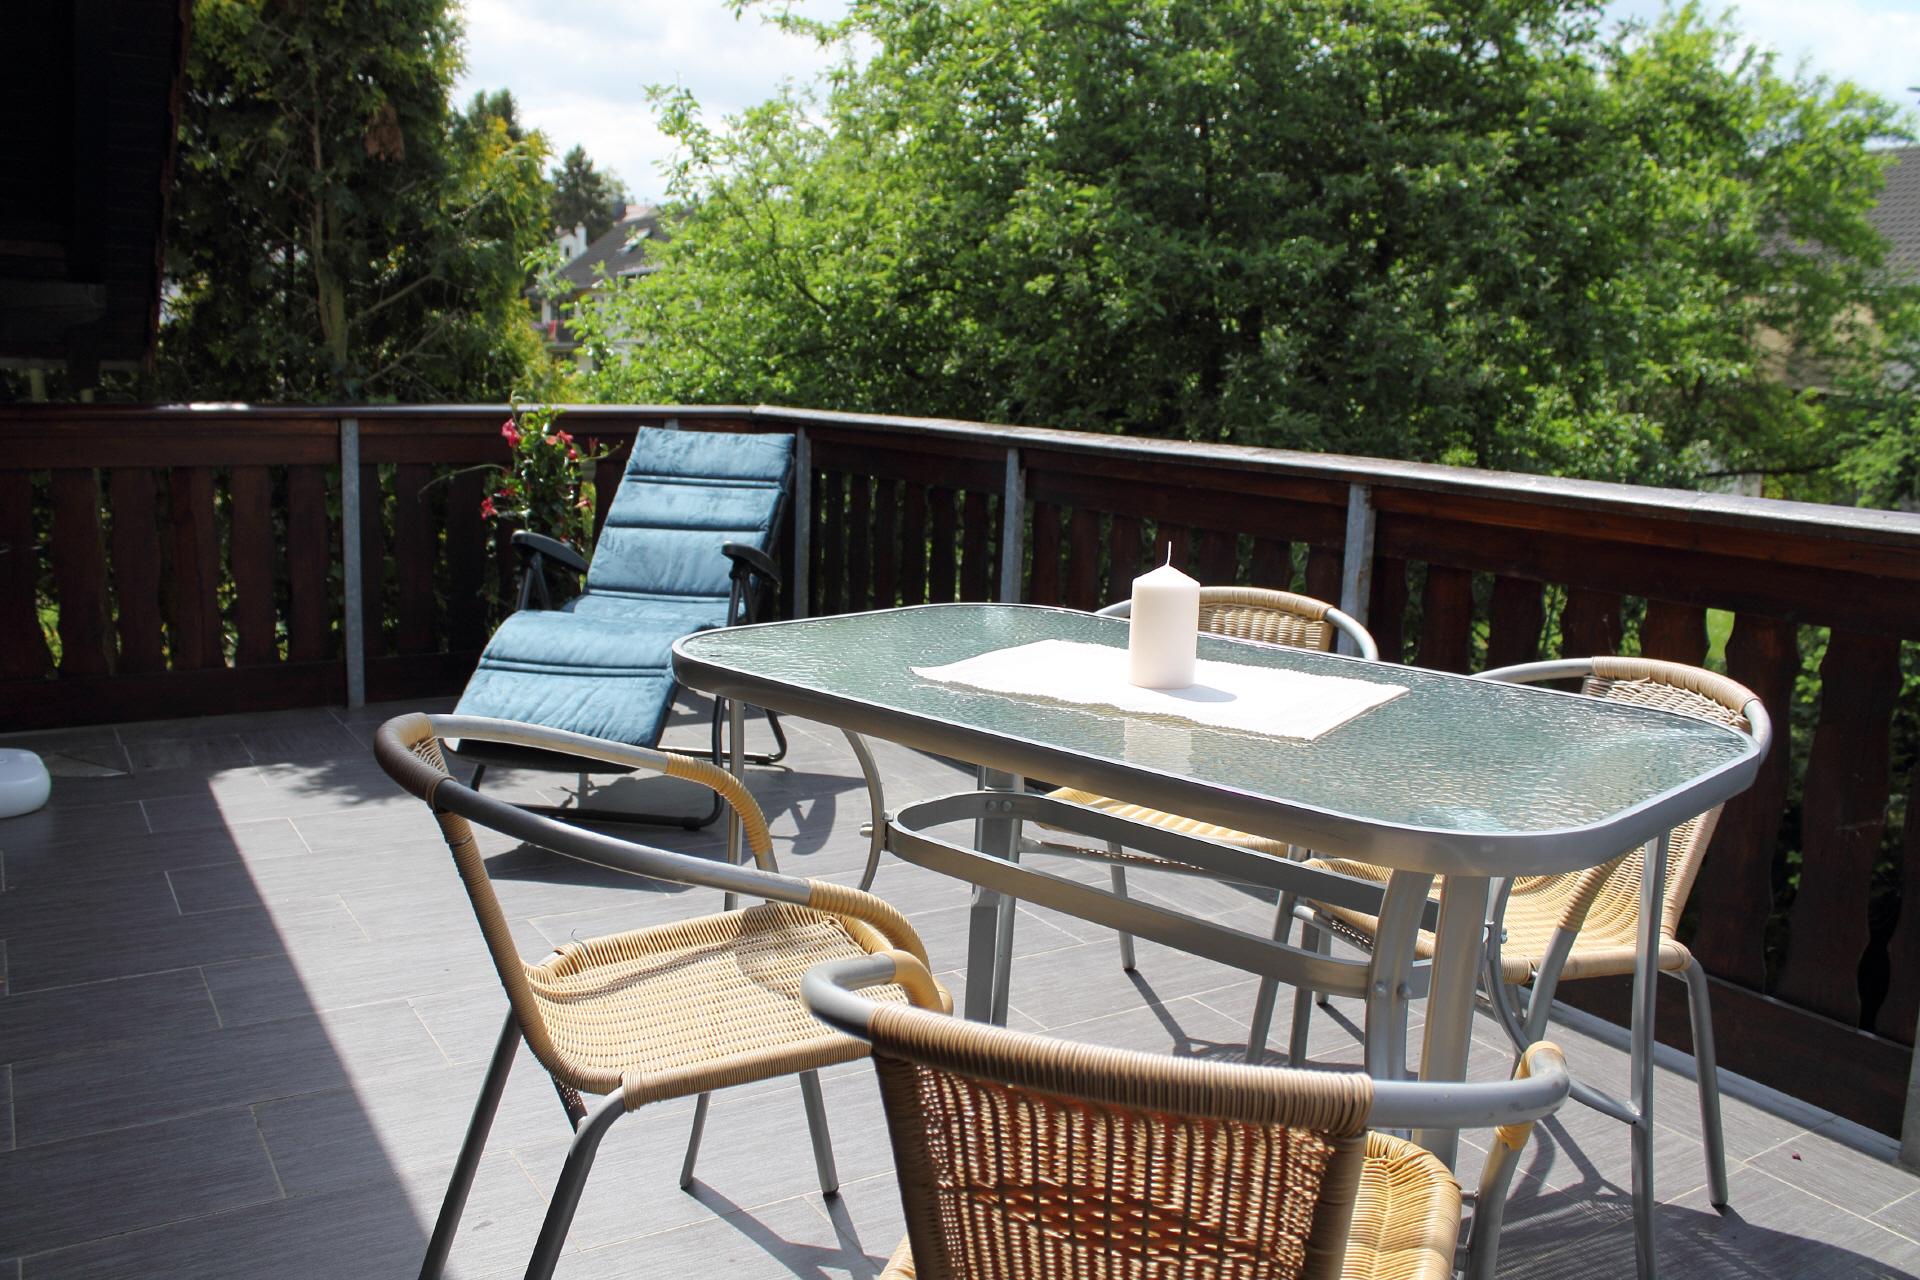 au enbereich wir haben 2 balkone zum ausruhen und eine. Black Bedroom Furniture Sets. Home Design Ideas